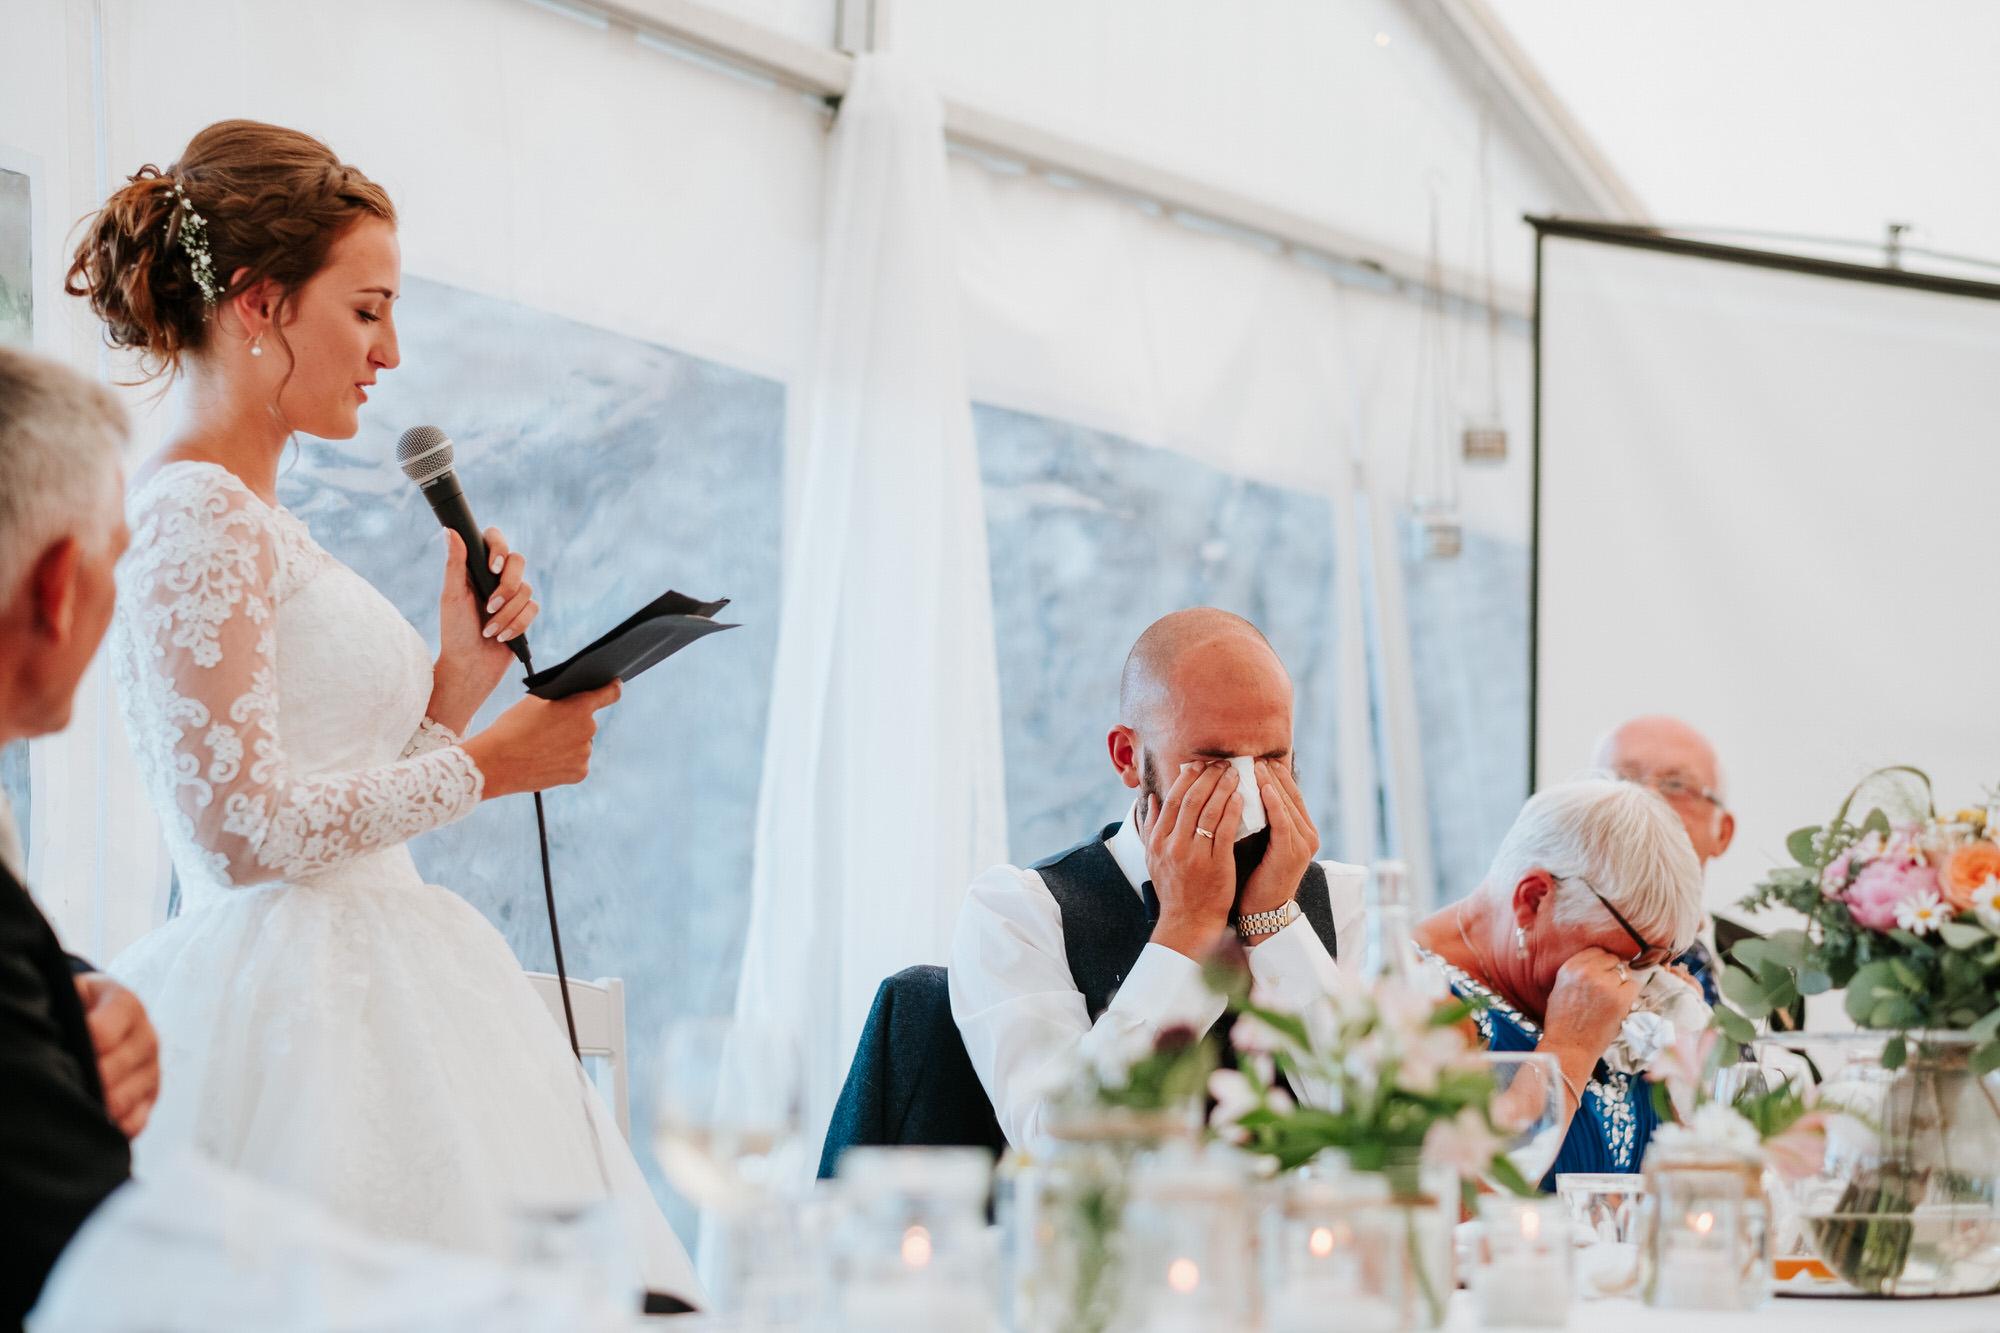 daaa773e lokaler — Blogg — Blikkfangerne - Profesjonelle bryllupsfotografer i ...